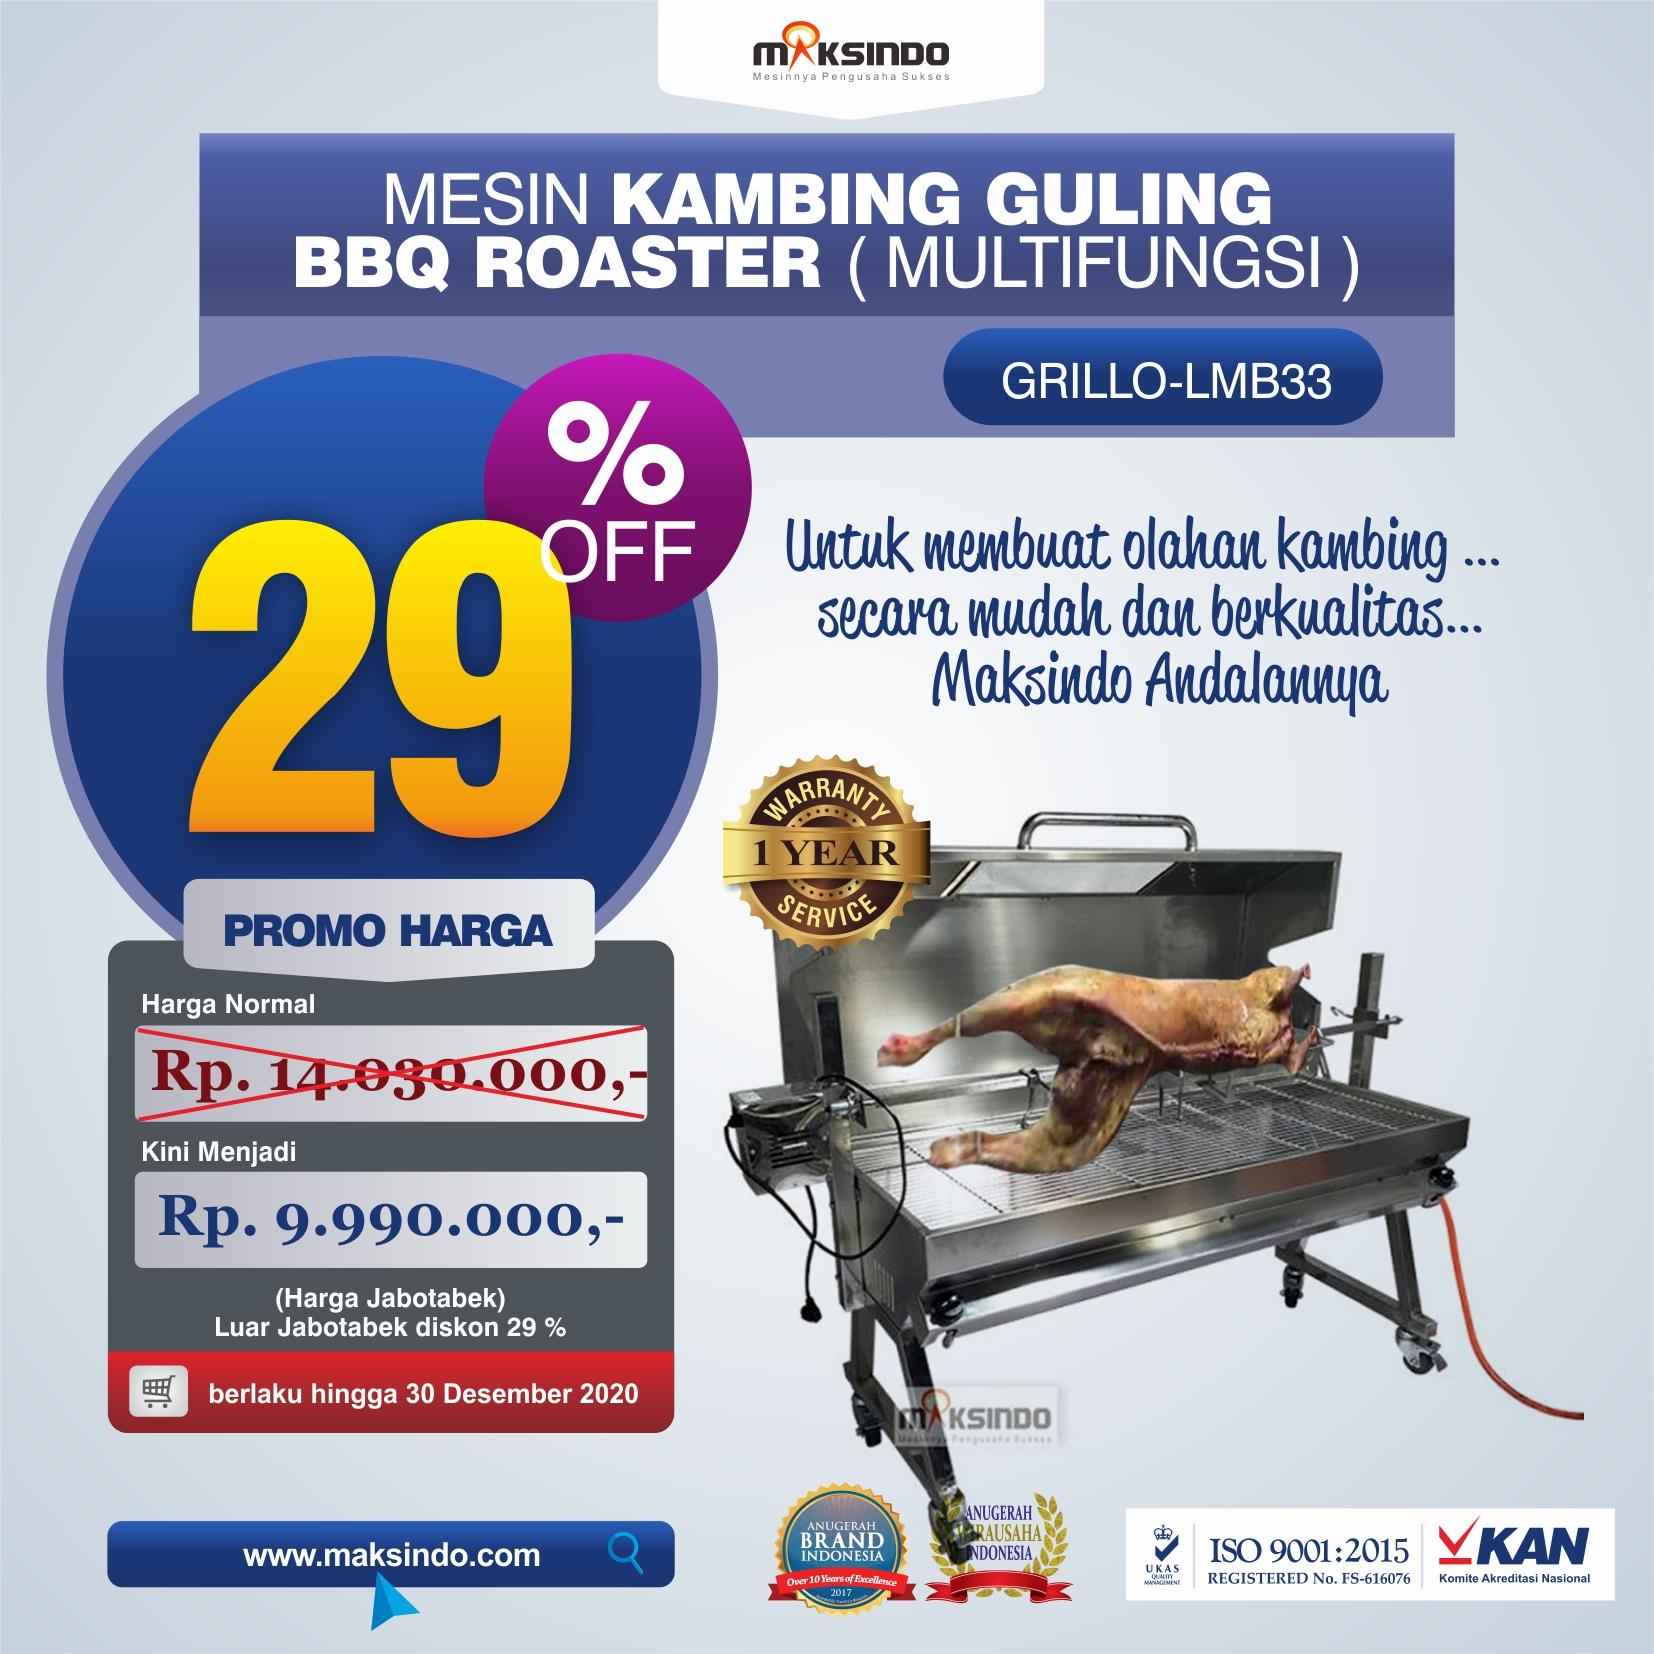 Jual Mesin Kambing Guling BBQ Roaster (GRILLO-LMB33) di Malang